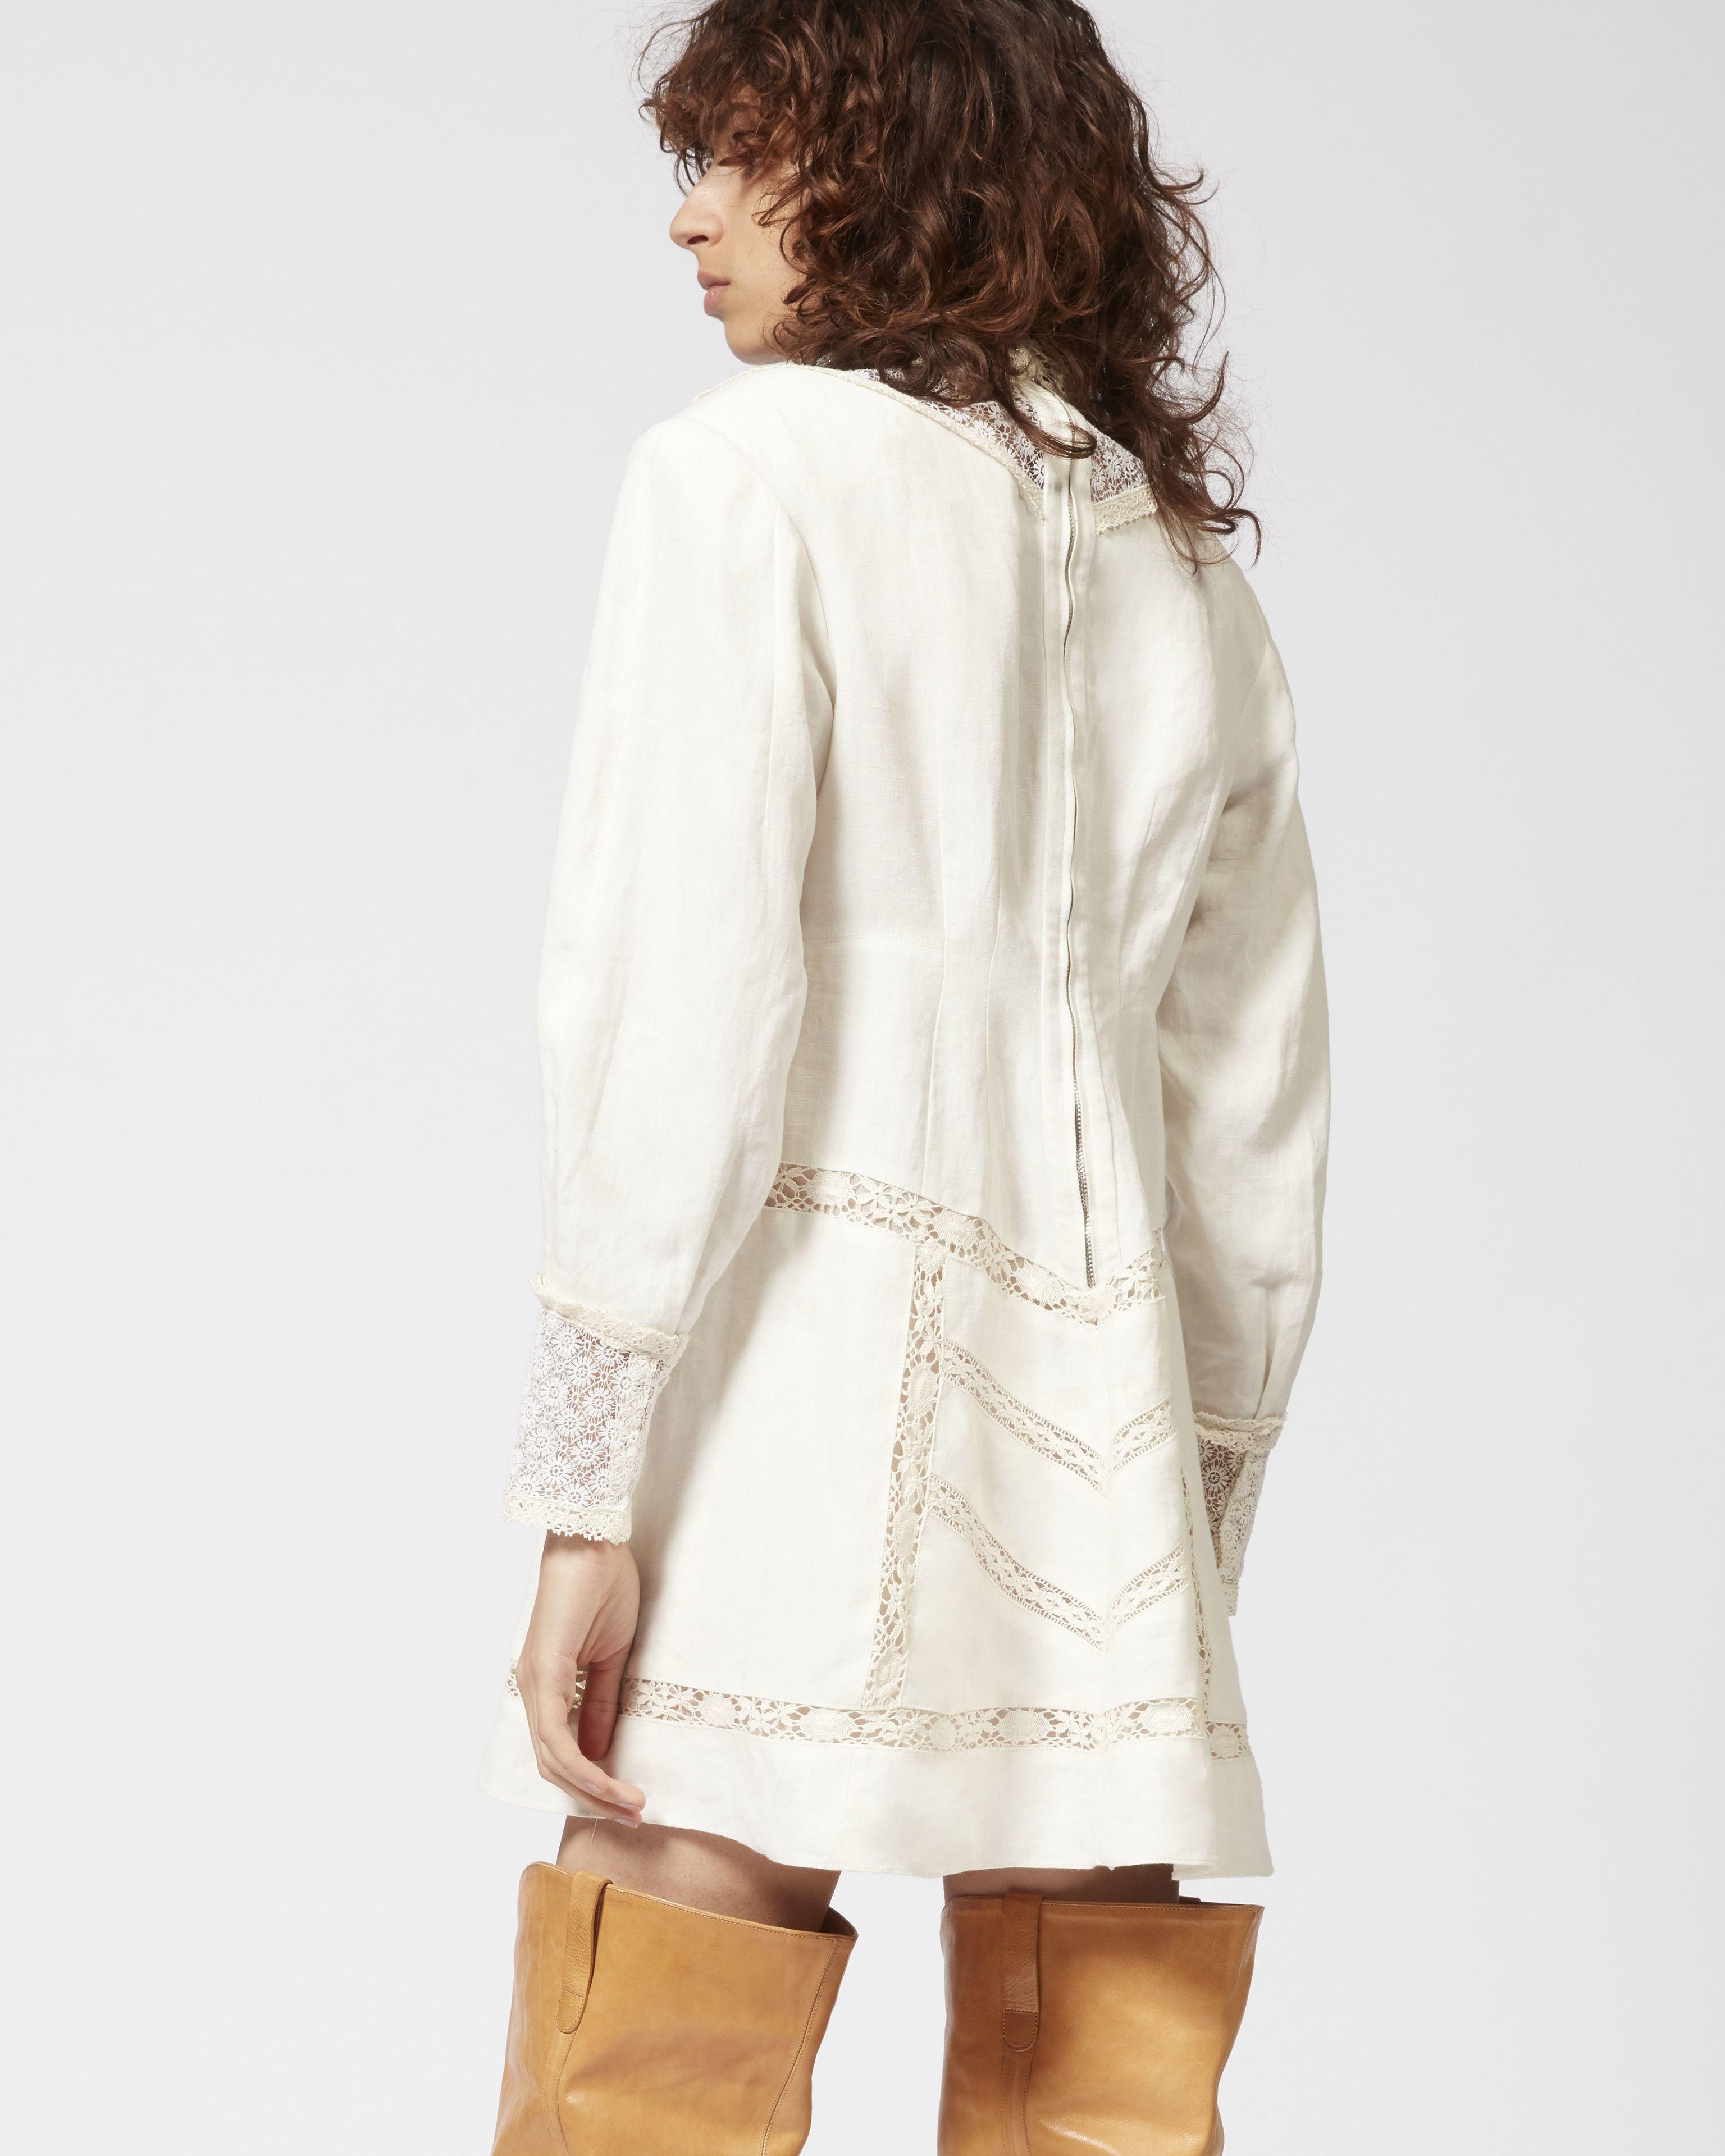 LOANE linen dress